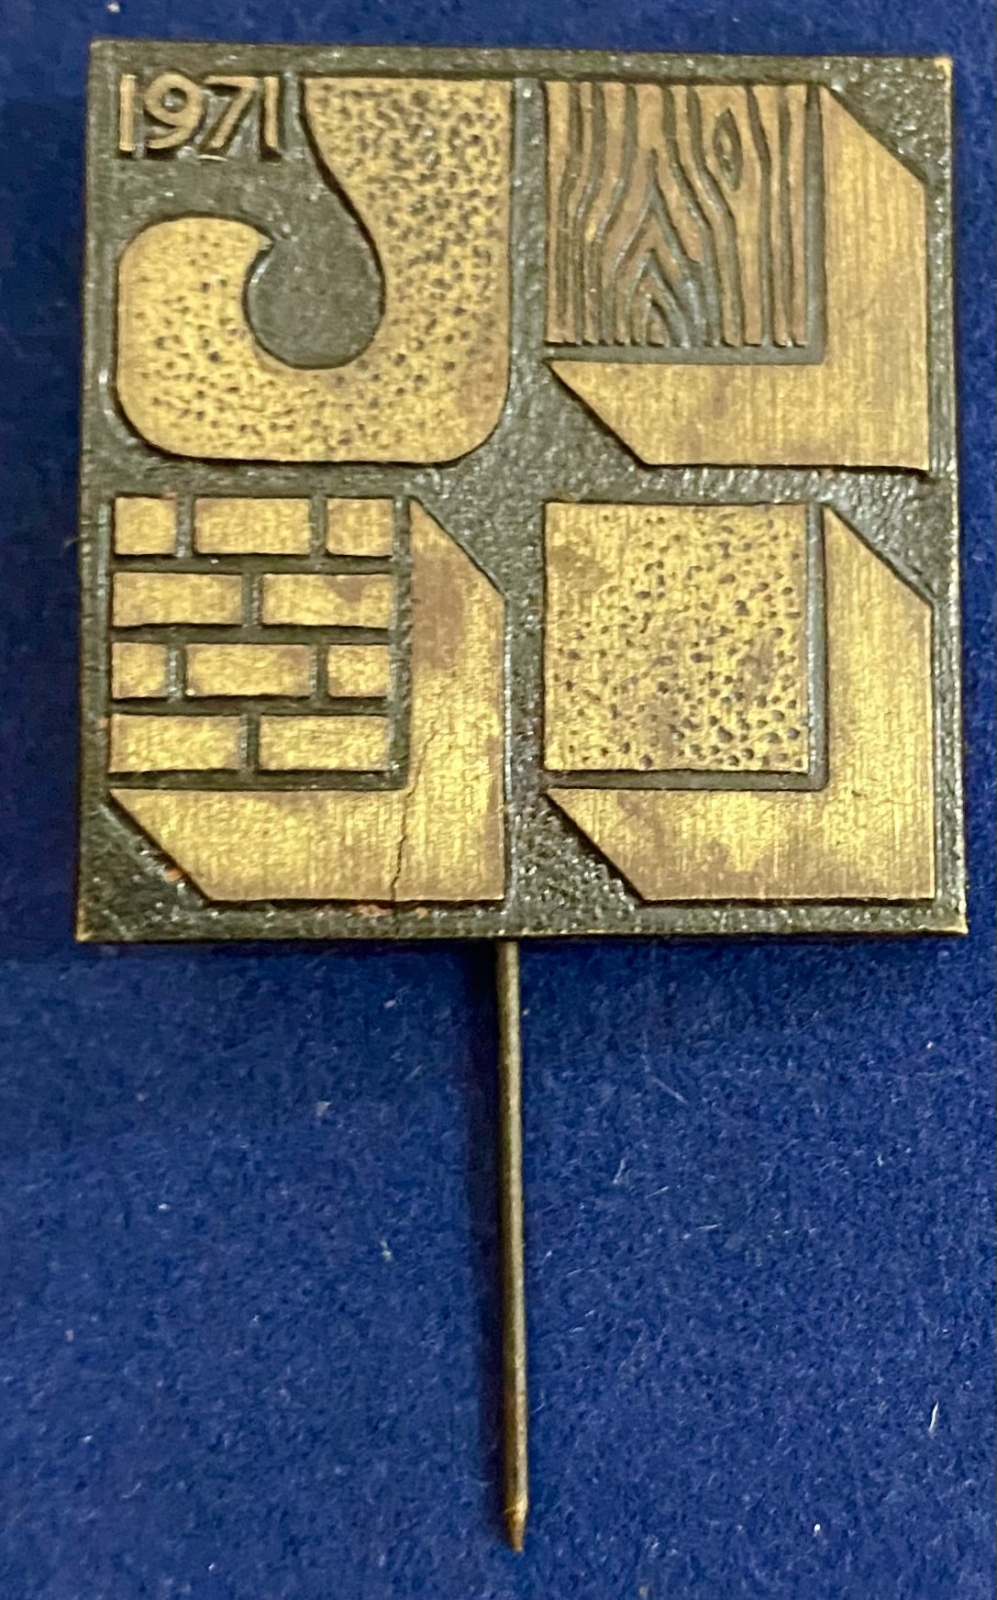 Значок на иголке Стройка 1971